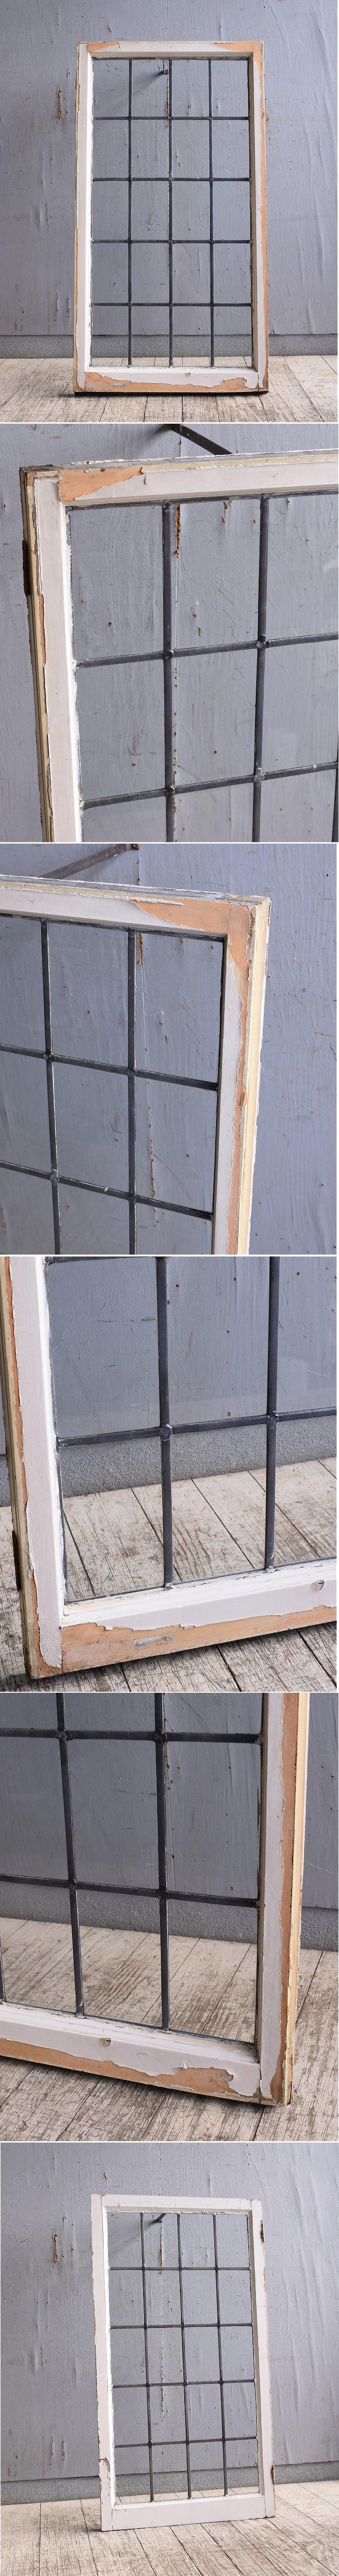 イギリス アンティーク 窓 無色透明 10338